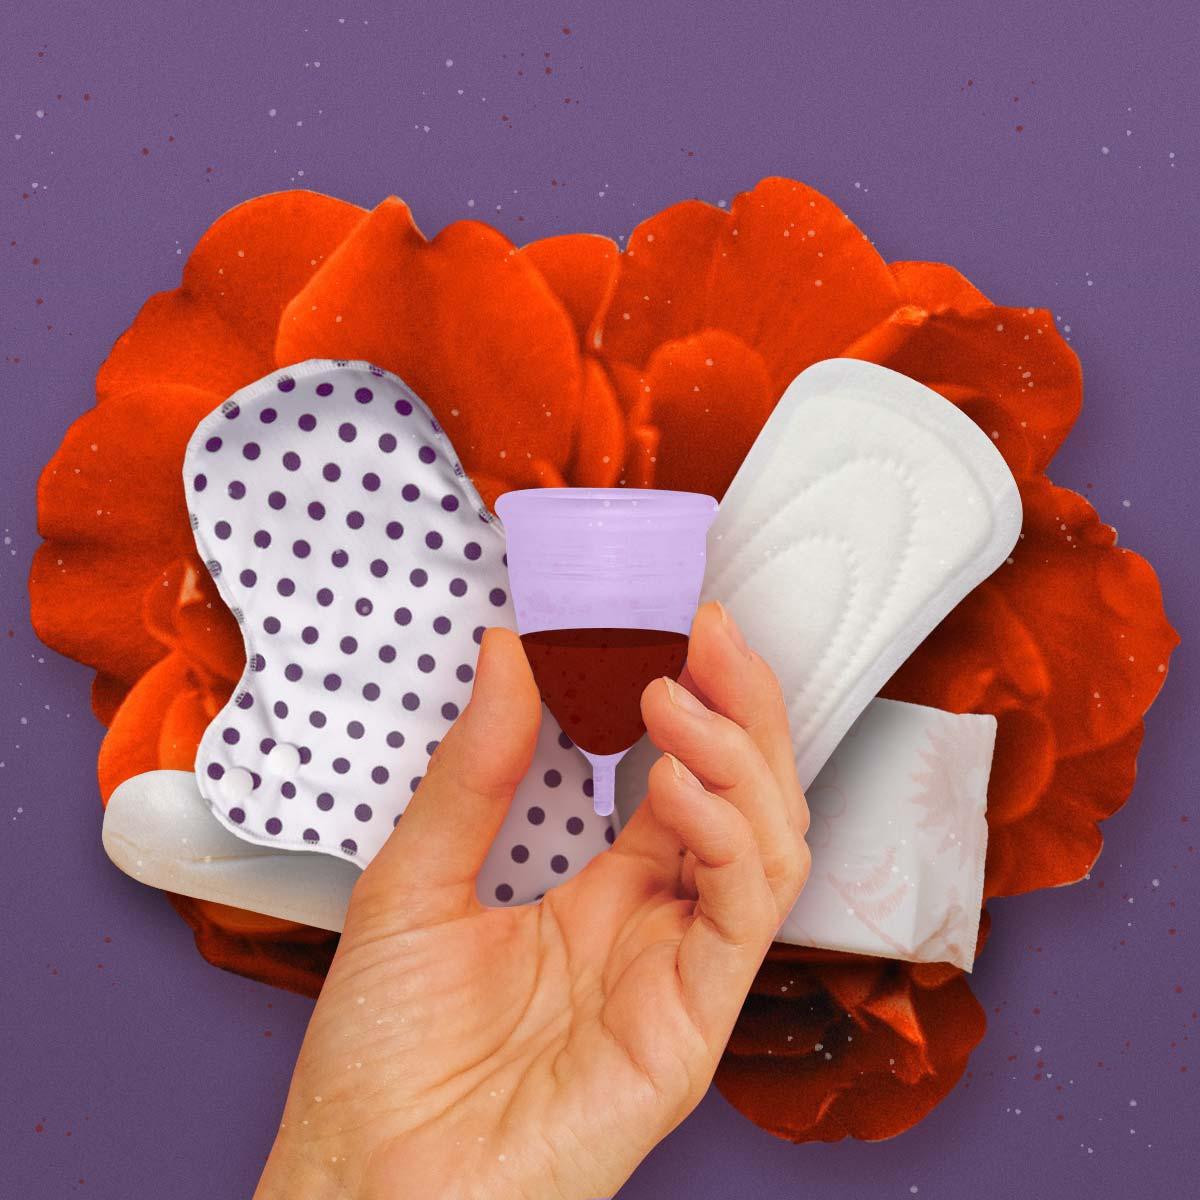 Productos de gestión menstrual